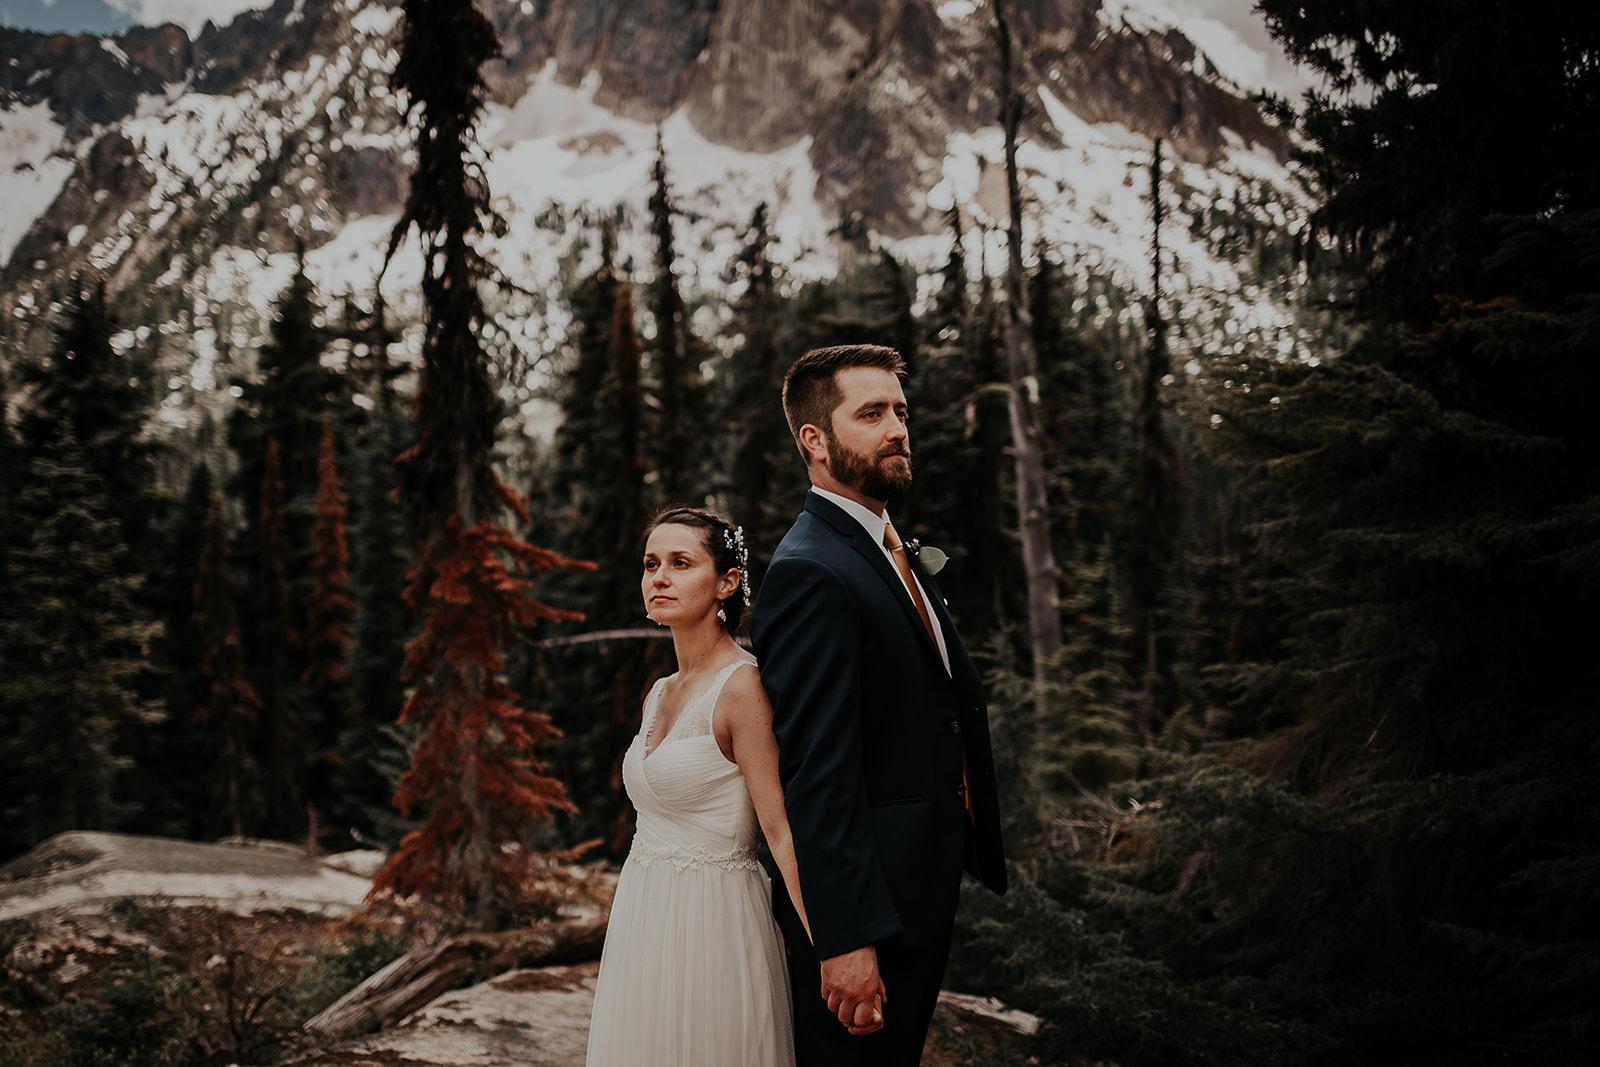 lisaandzack-north-cascades-elopement-wedding-megan-gallagher-photogarphy (16).jpg